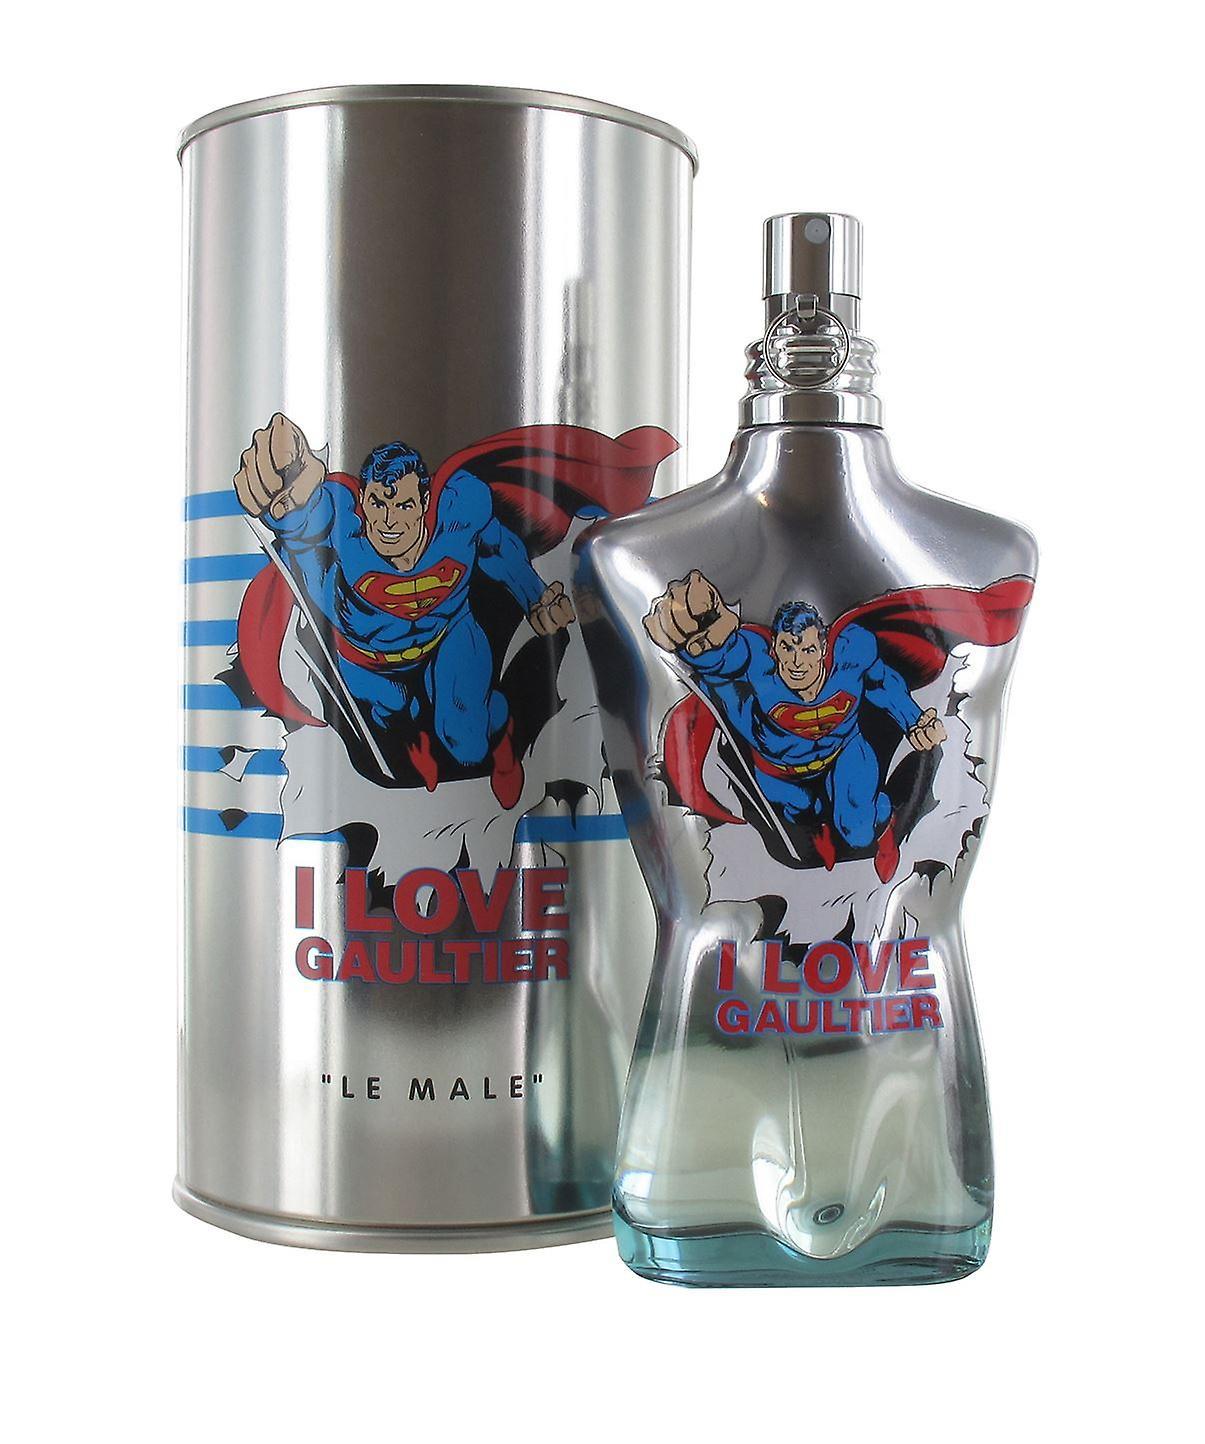 125ml Paul Jean Le Men Male Superman Fraiche Spray For De Gaultier Toilette Eau 0y8OvmNnw